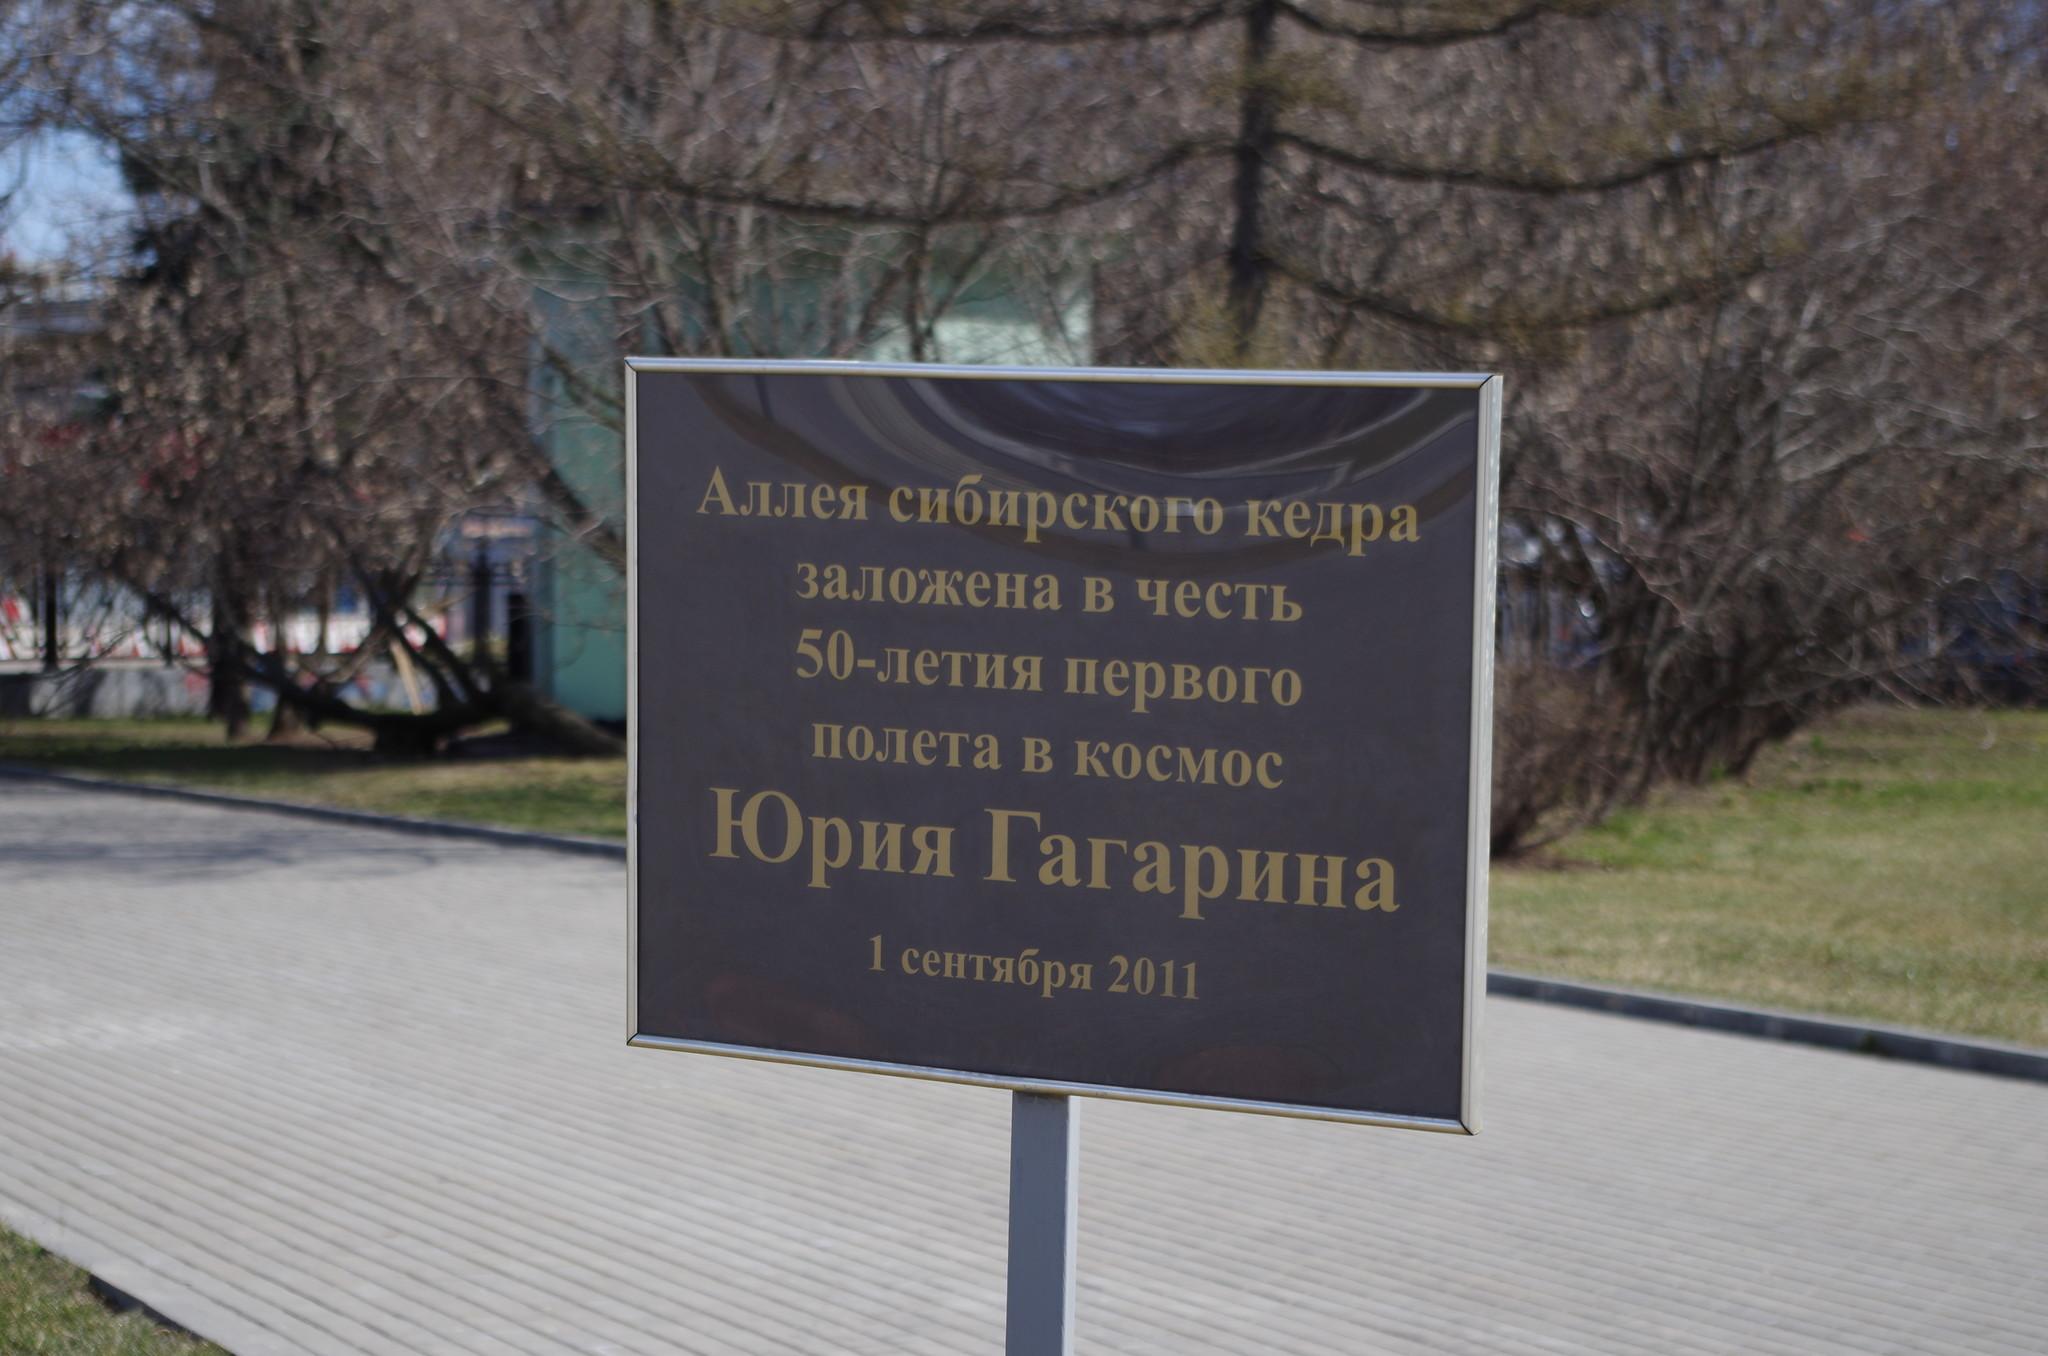 Аллея сибирского кедра в честь 50-летия полёта в космос Юрия Гагарина